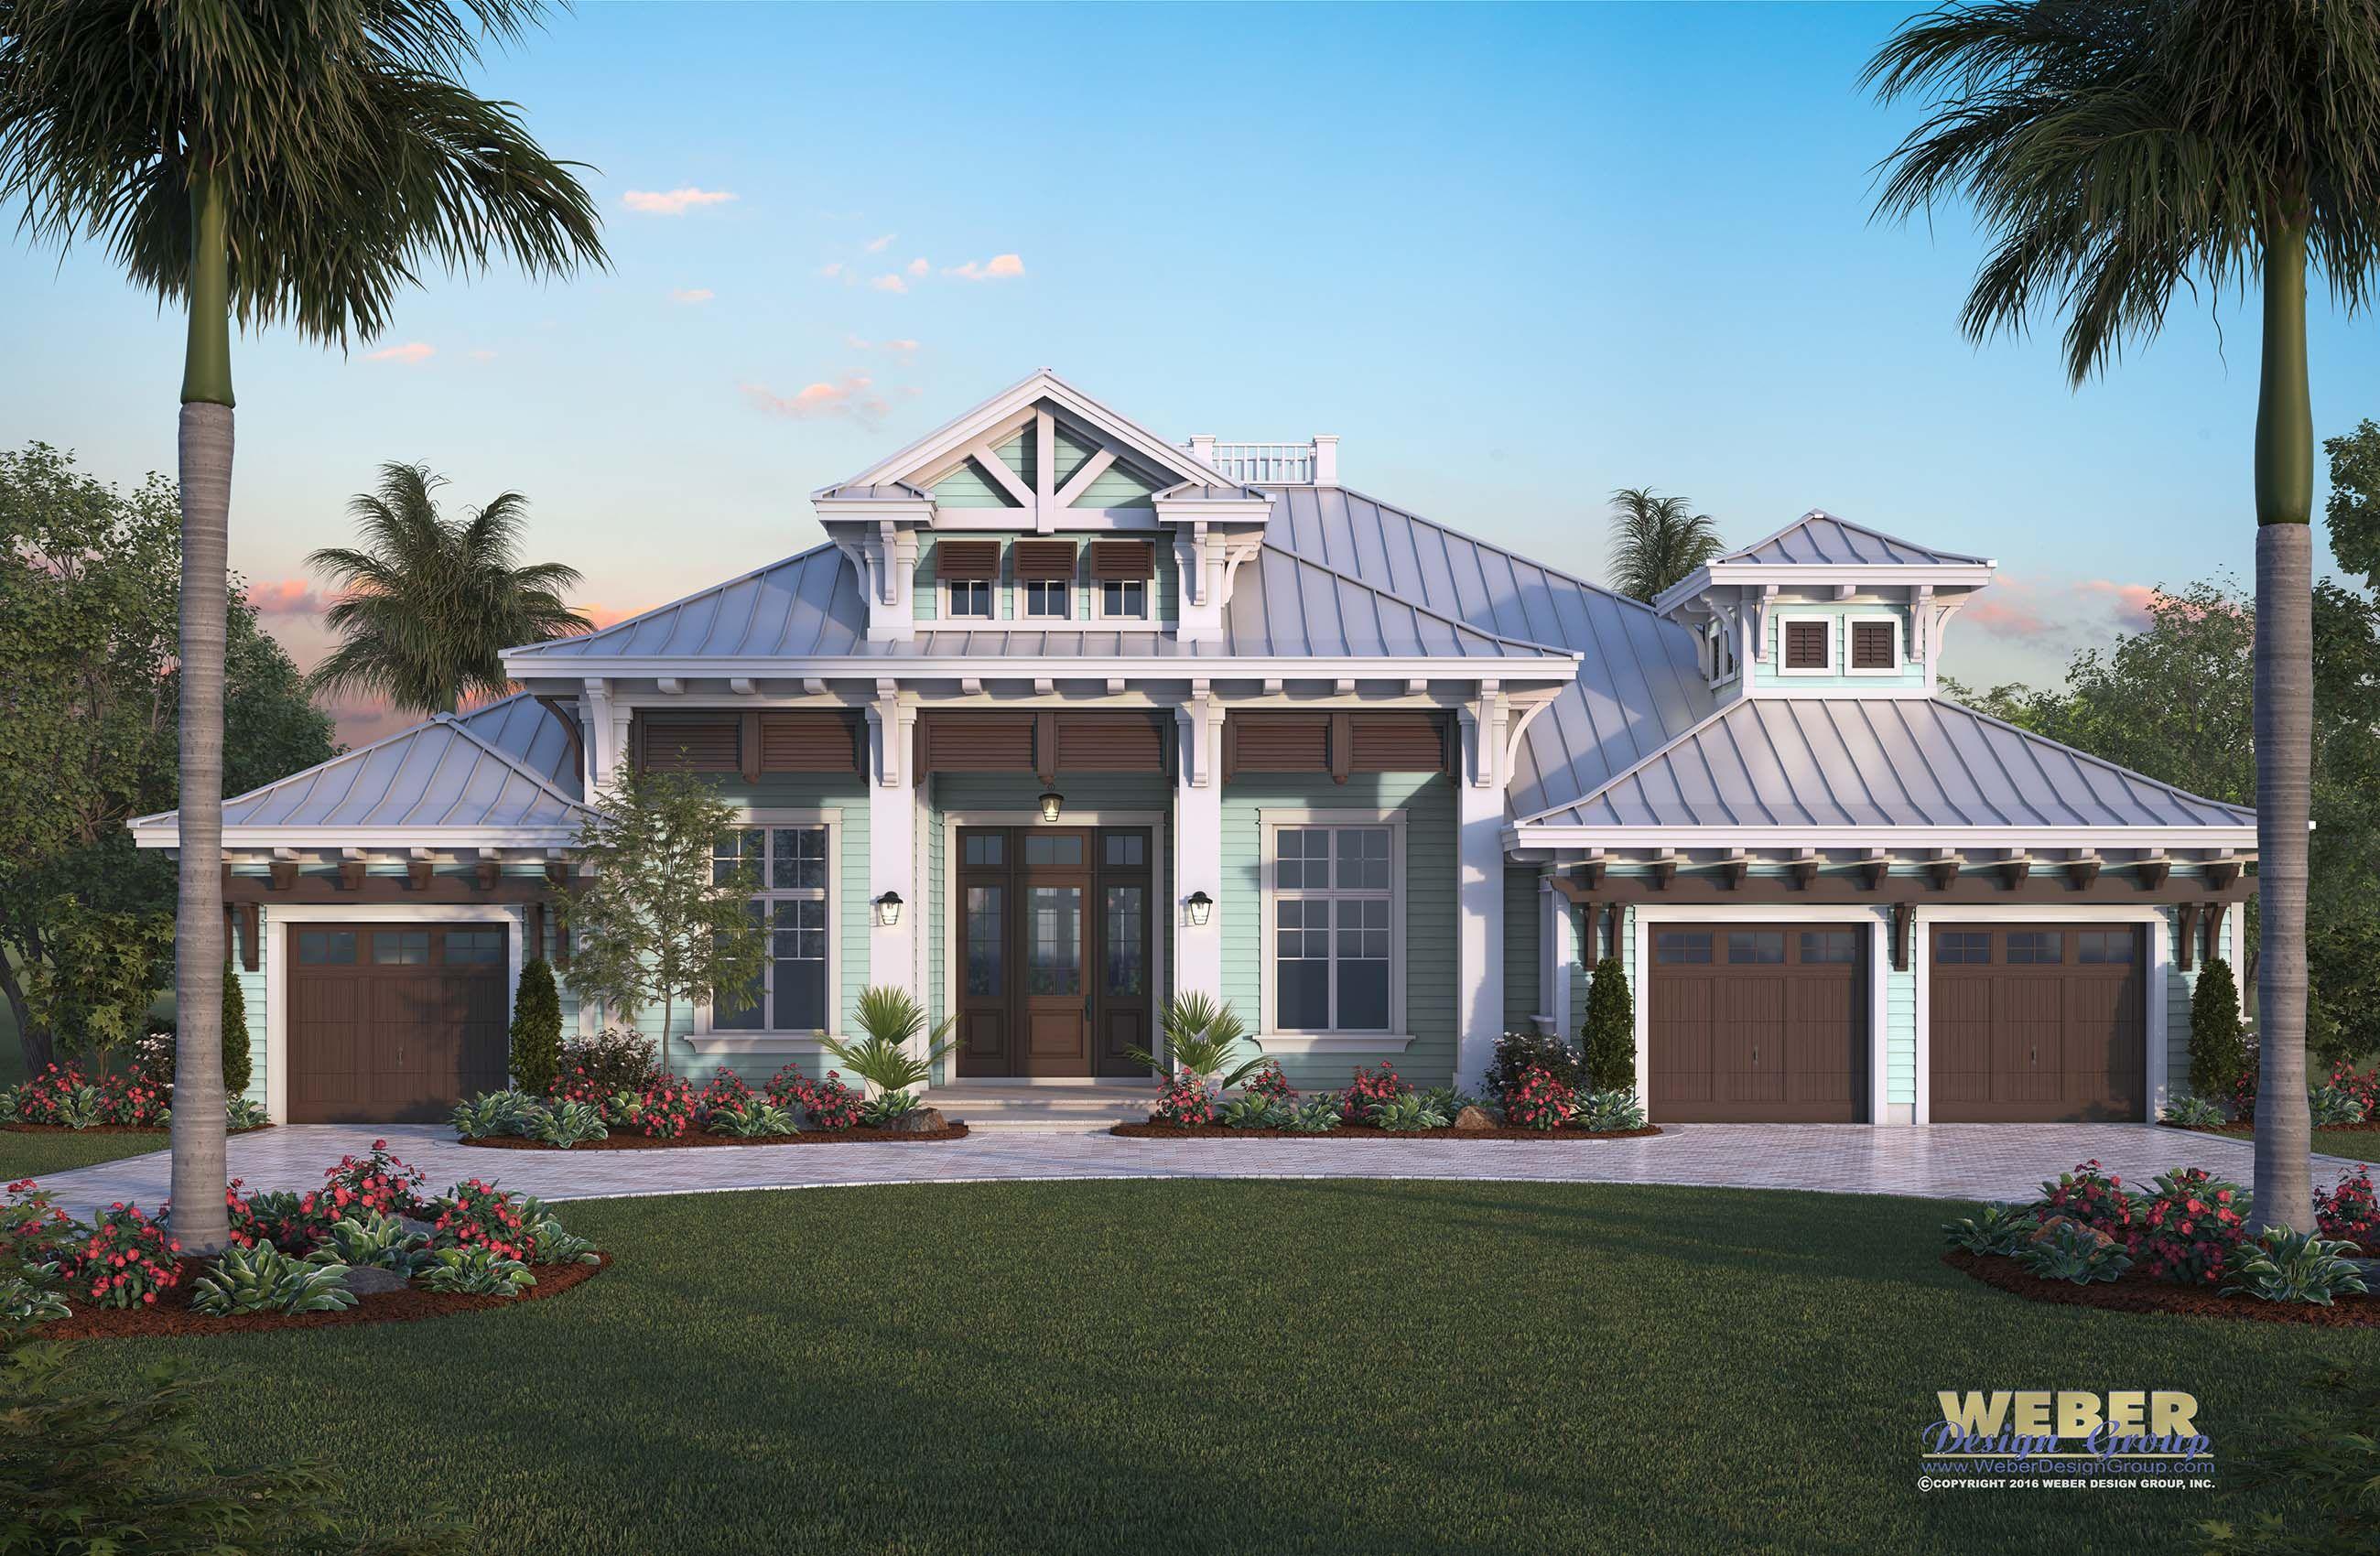 Beach House Plan Luxury Caribbean Beach Home Floor Plan Florida House Plans Coastal House Plans Beach House Plan